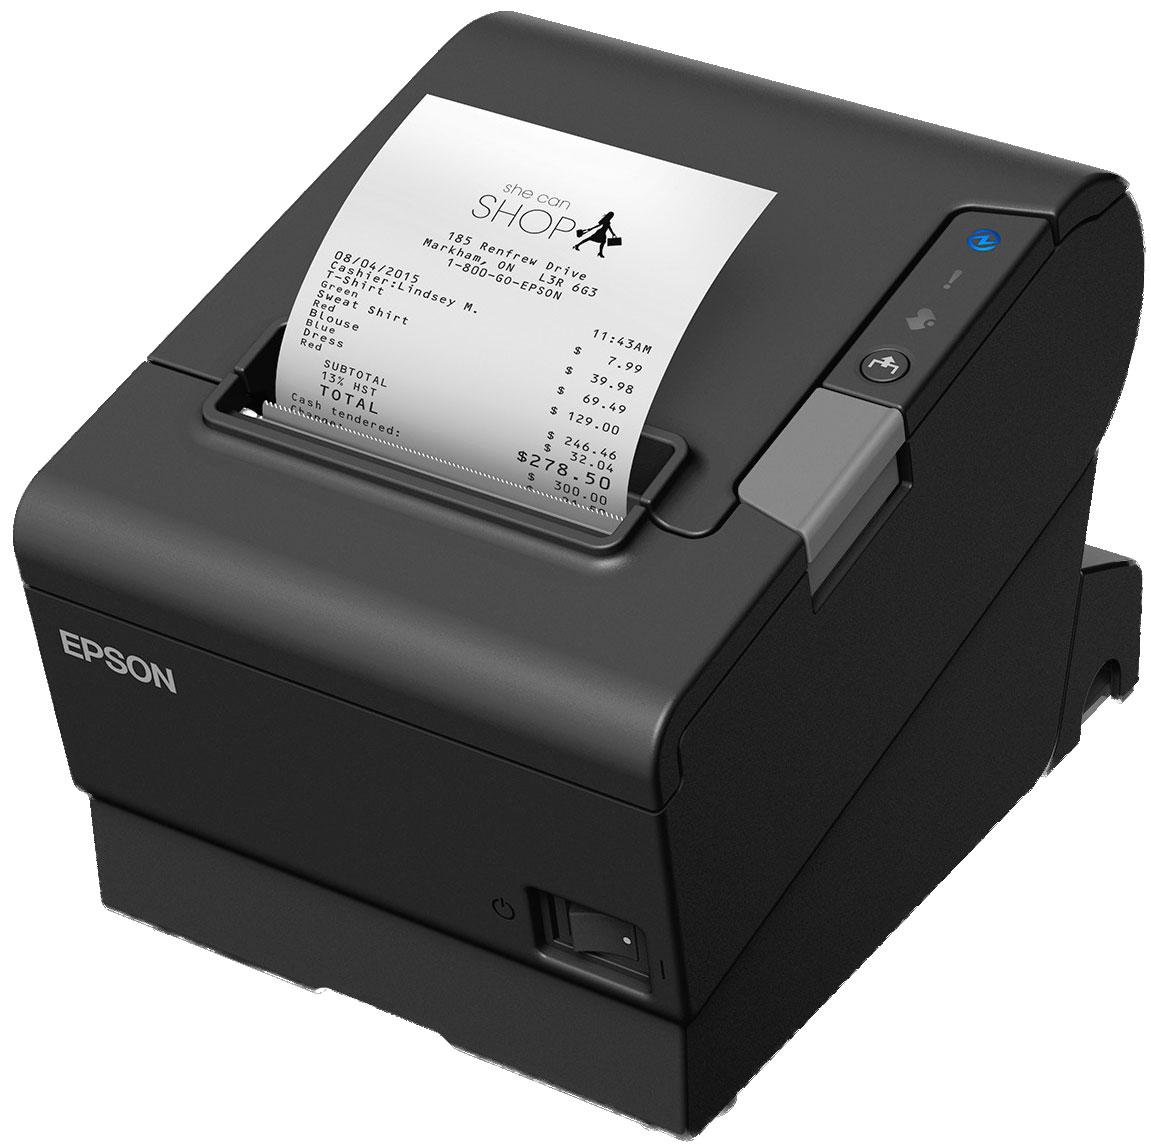 Epson TM-T88VI UB-R04 Wireless Printer, black (TM886W4NG)